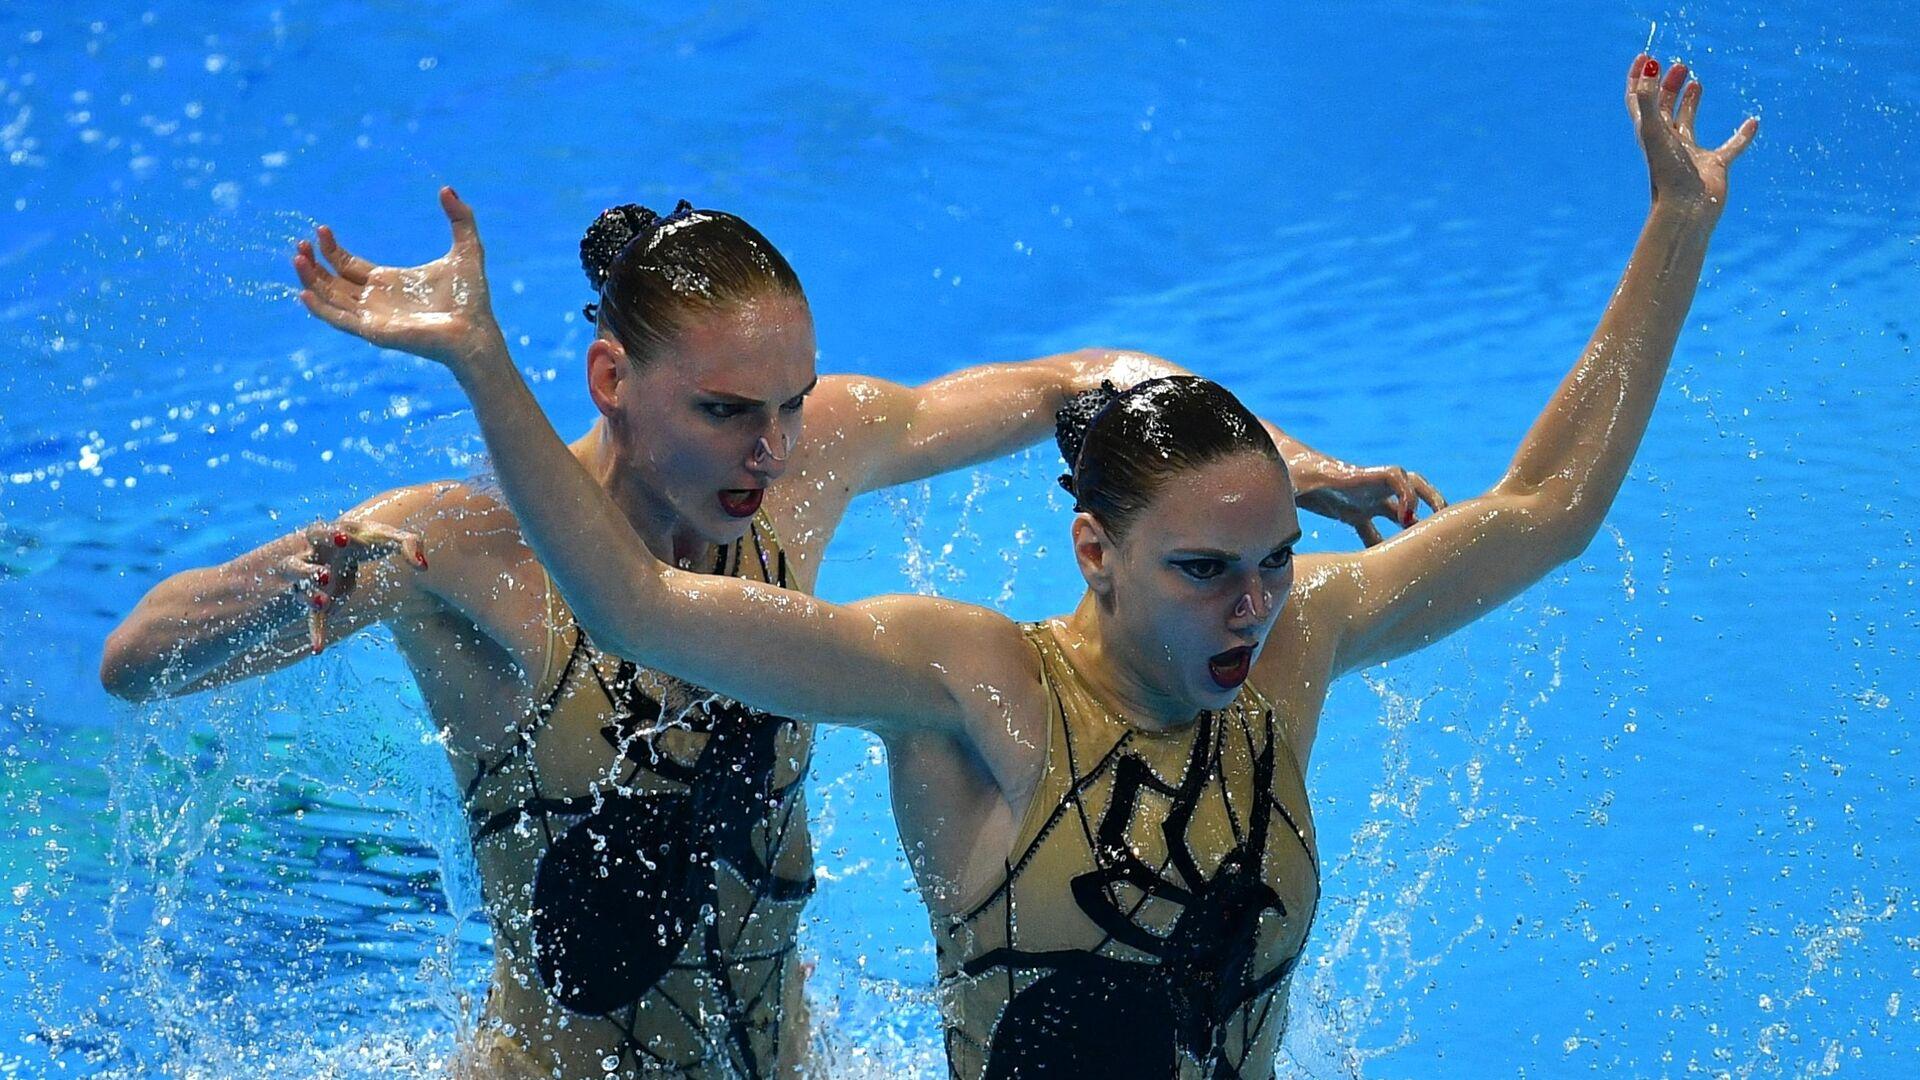 Чемпионат мира FINA 2019. Синхронное плавание. Дуэт. Произвольная программа - РИА Новости, 1920, 16.04.2021